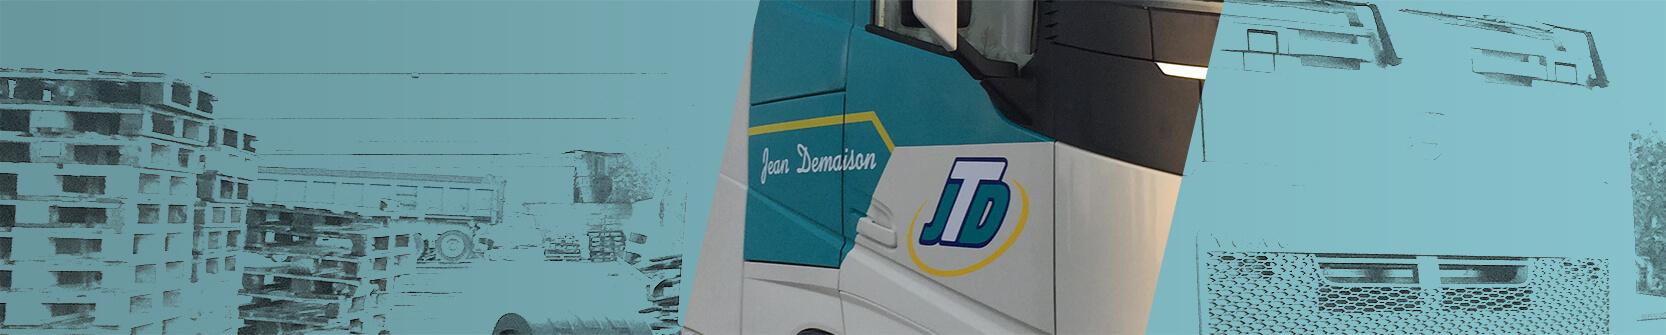 Portière camion Jean Demaison